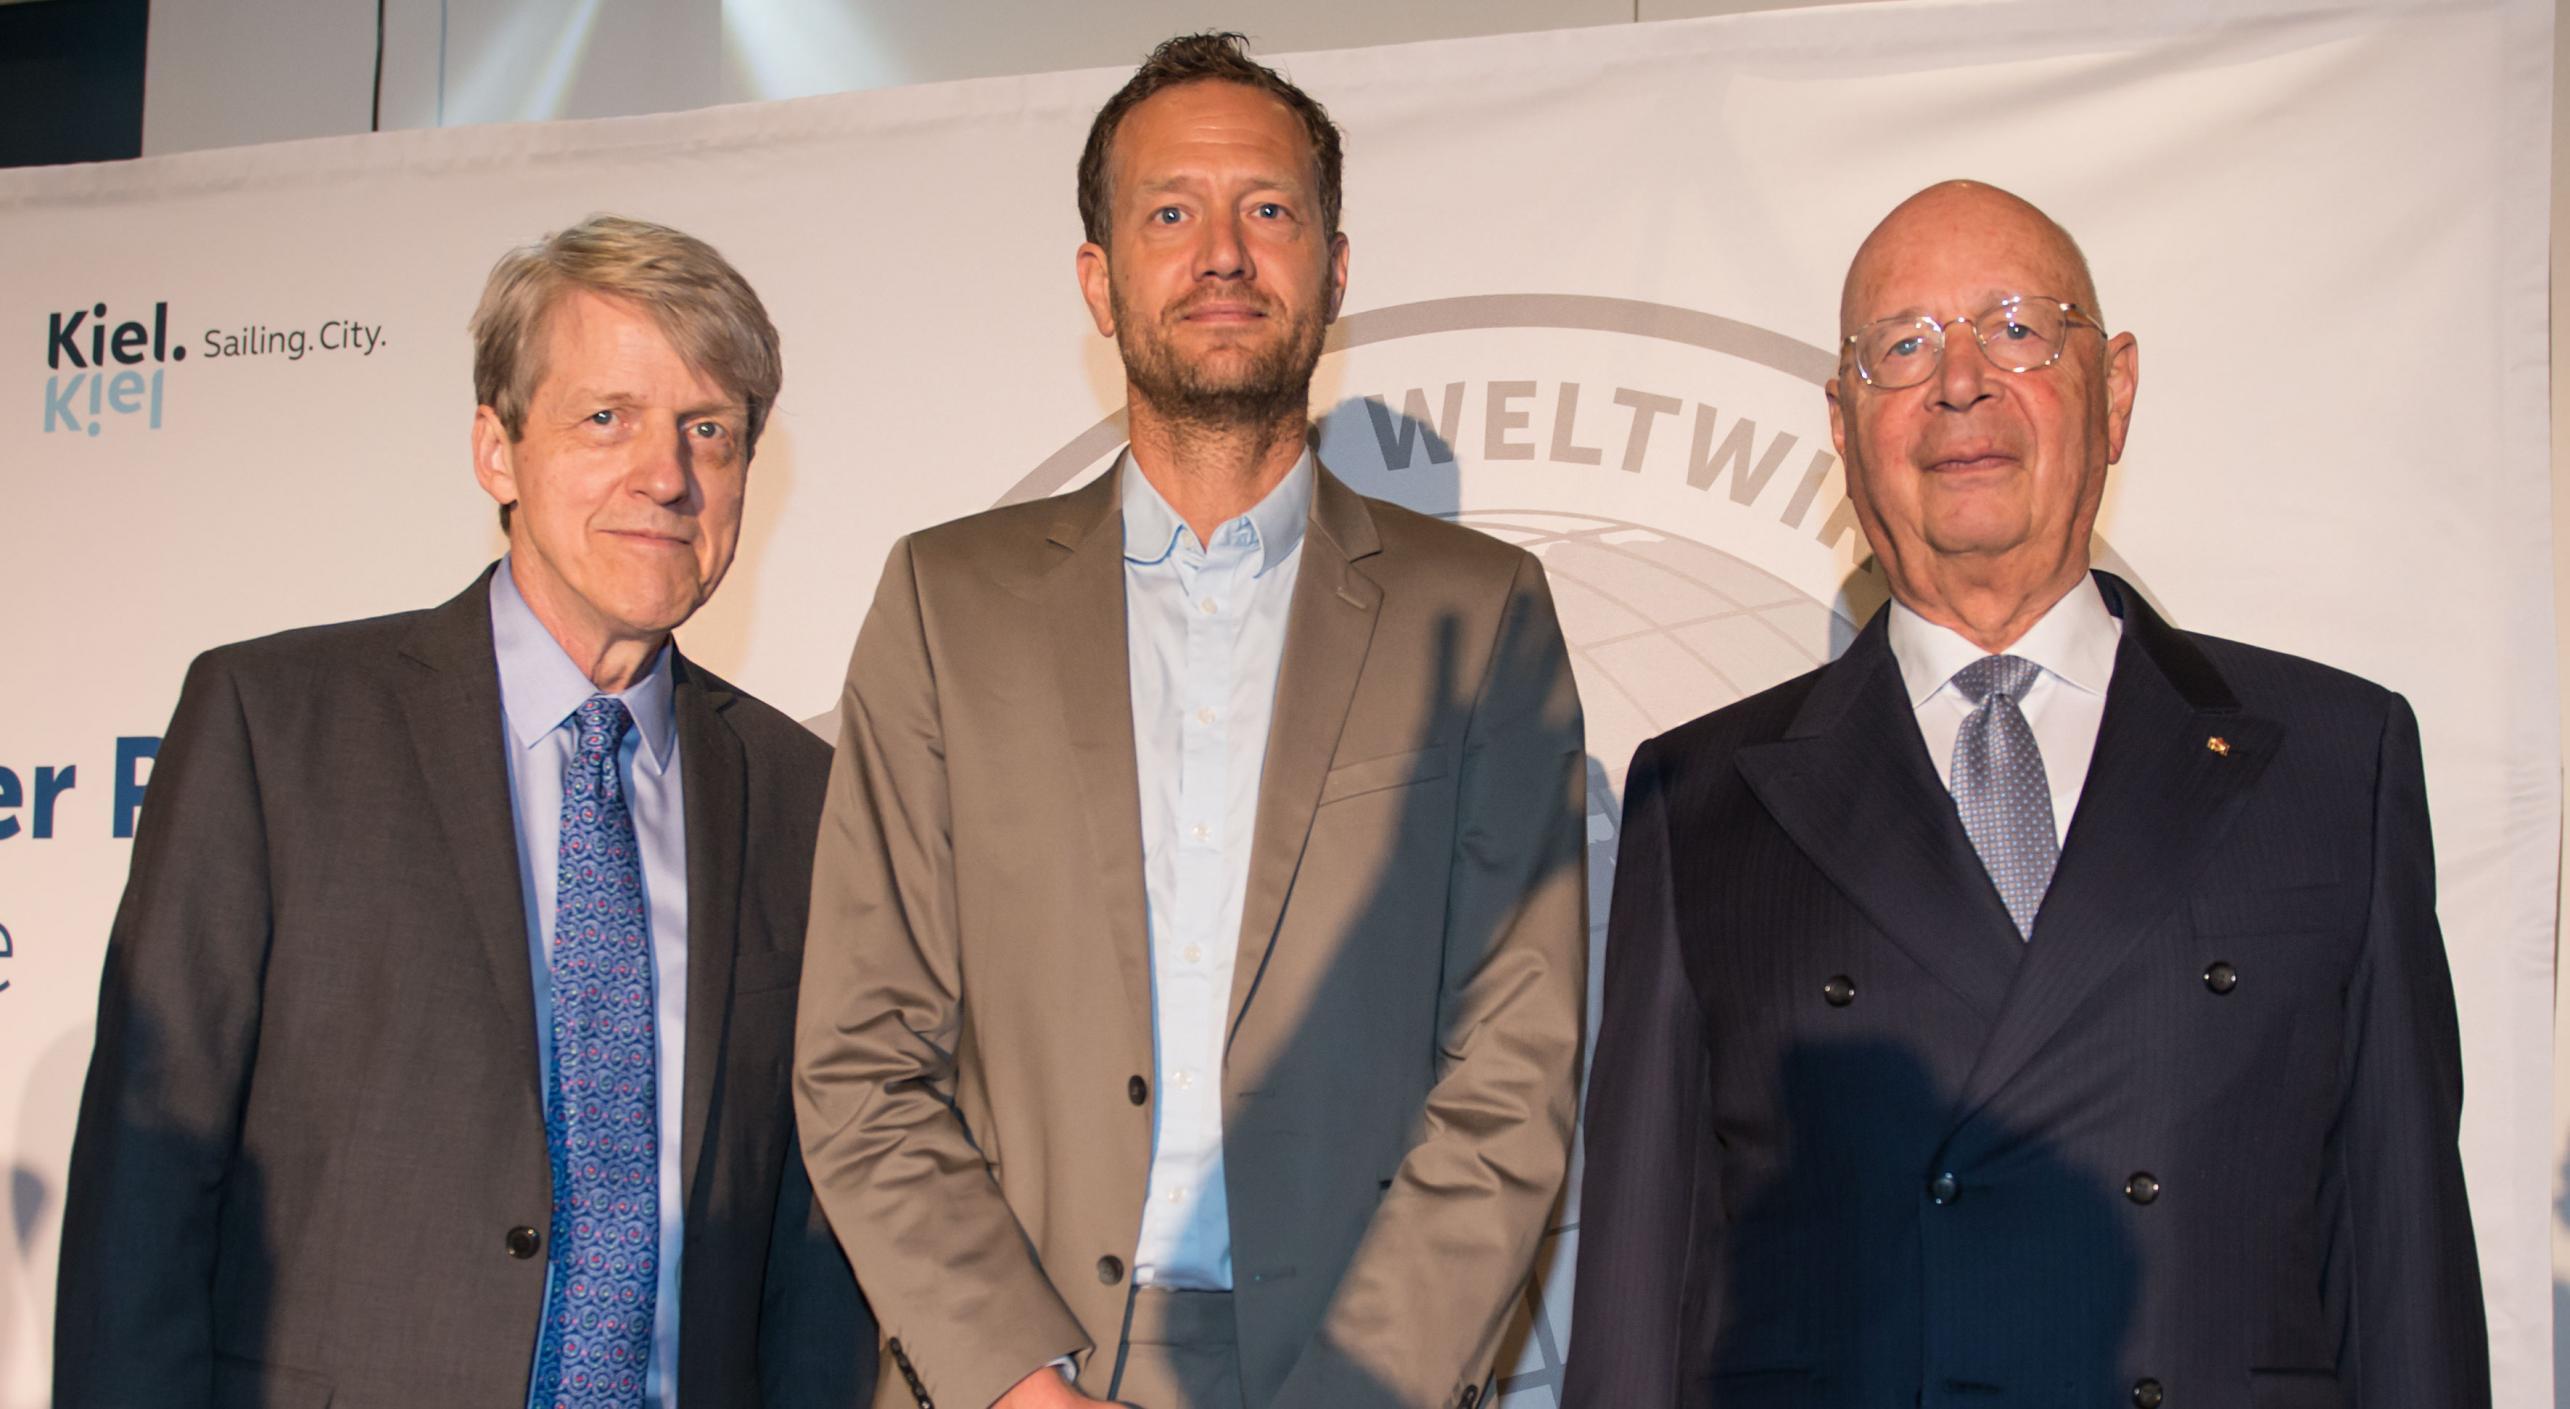 Prof. Dr. Klaus Schwab, Bas van  Abel, Prof. Robert Shiller Weltwirtschaftlicher Preis 2018 Kiel